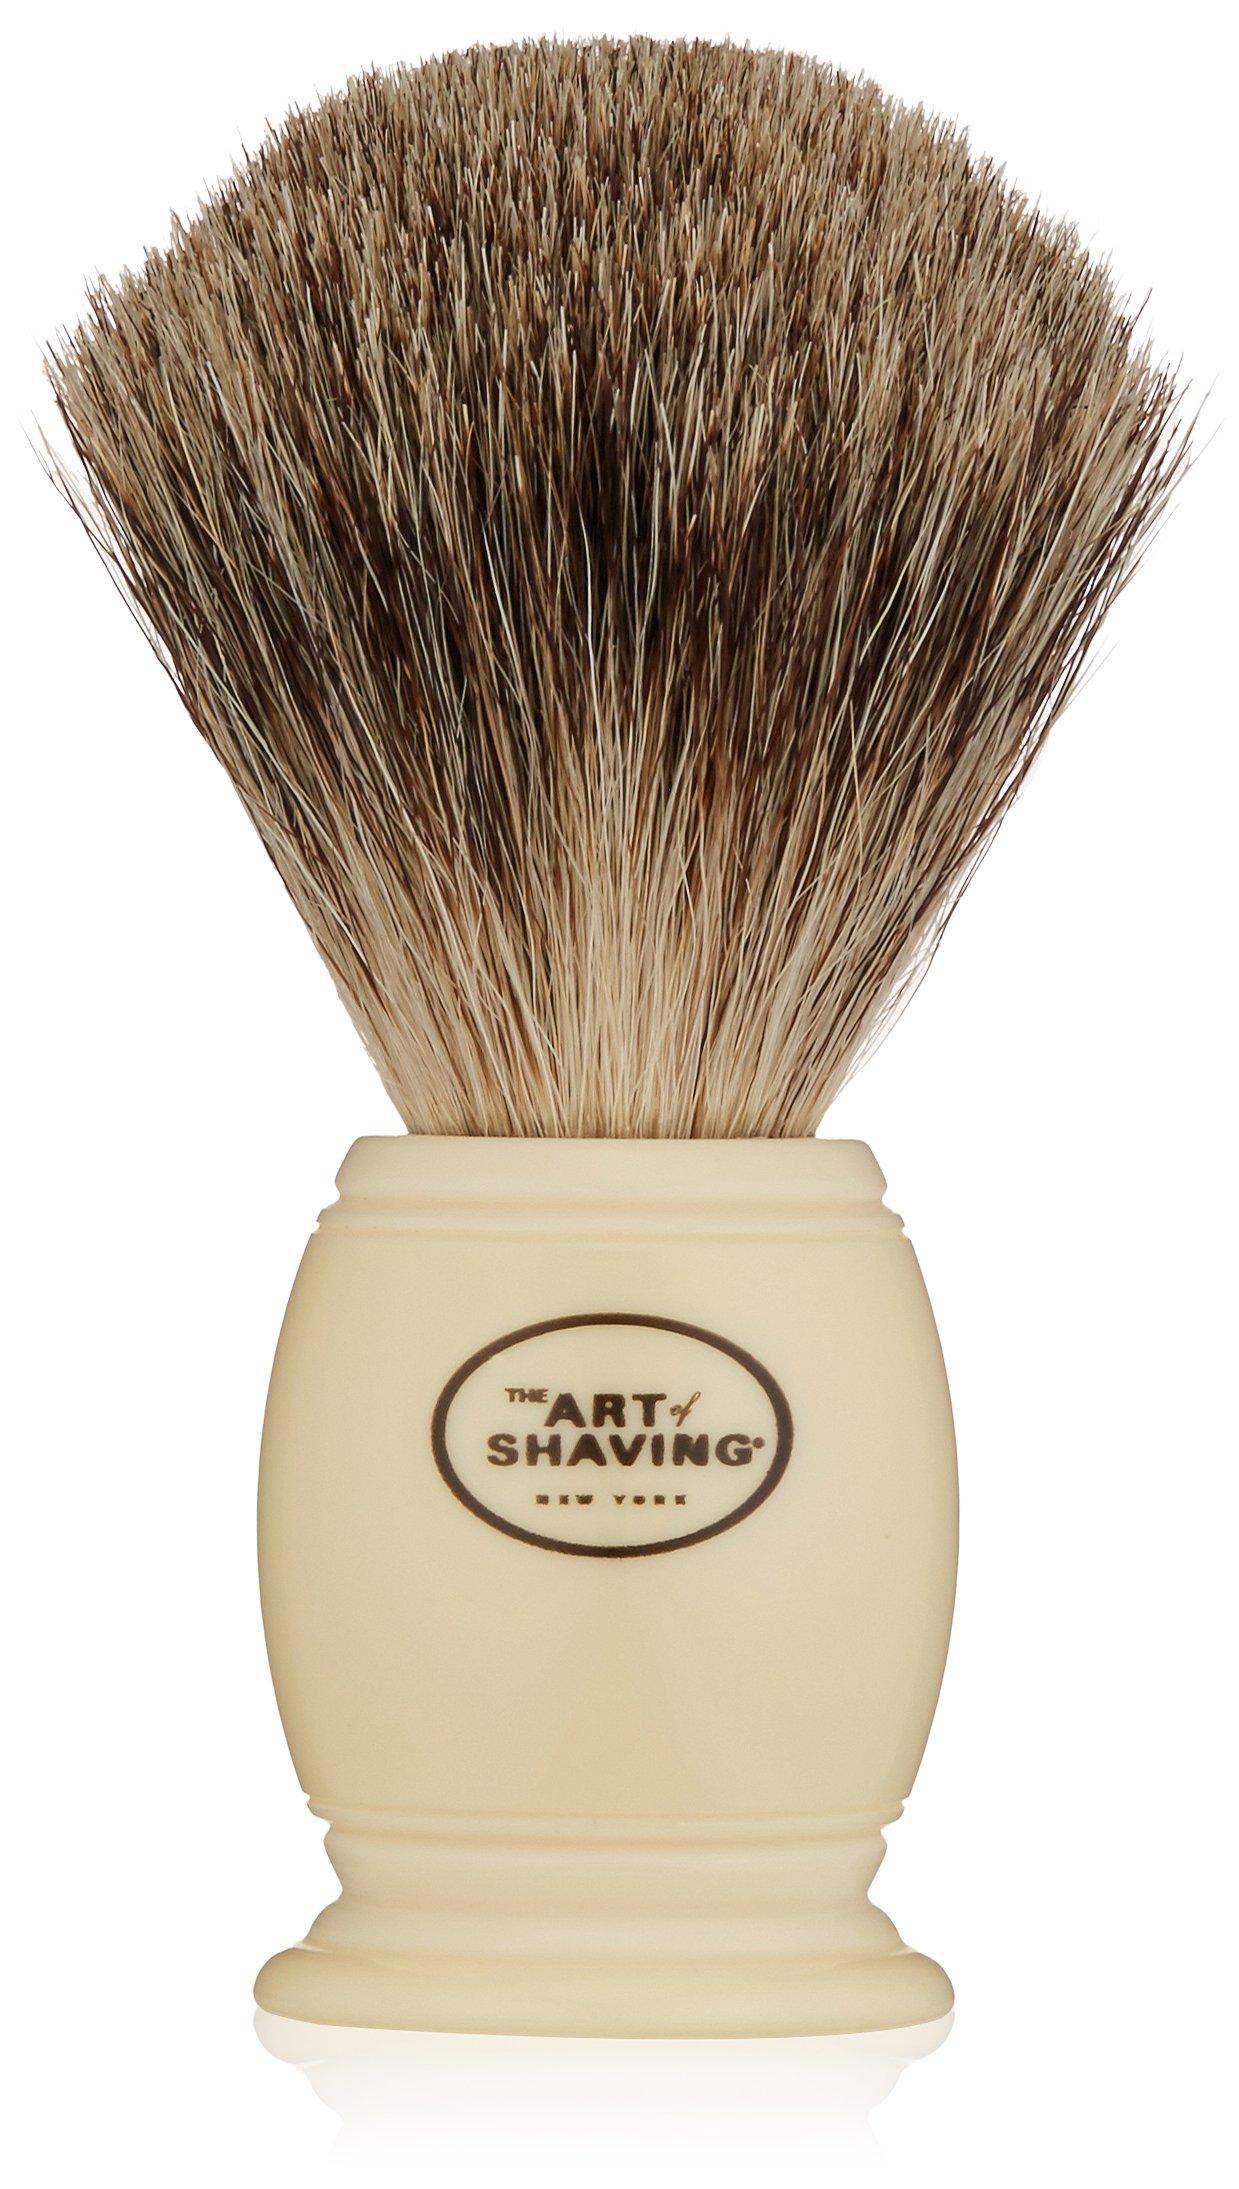 The Art of Shaving Men's Pure Badger Shaving Brush, Ivory by The Art of Shaving